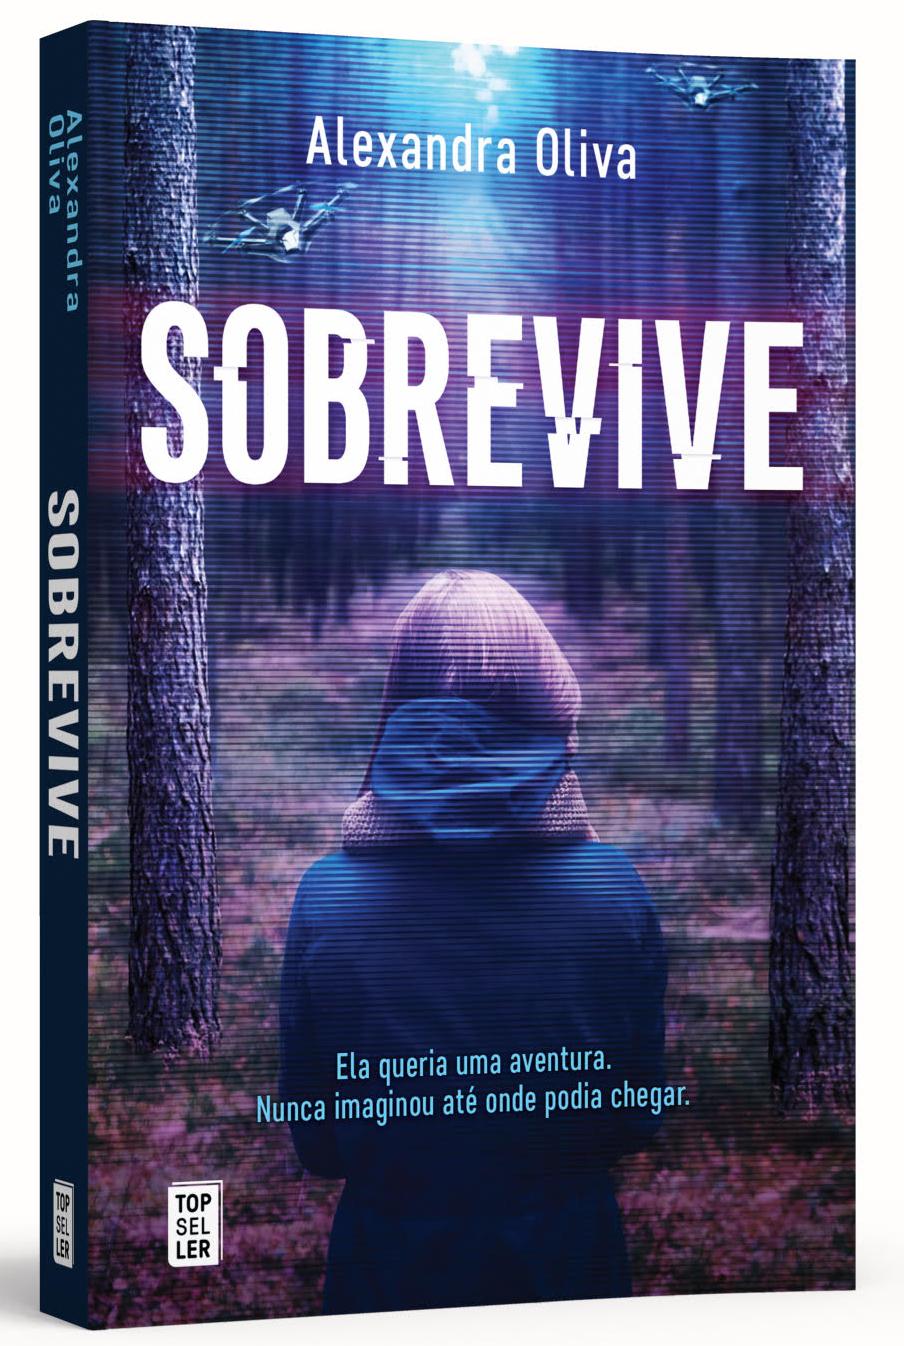 Portugal: Sobrevive